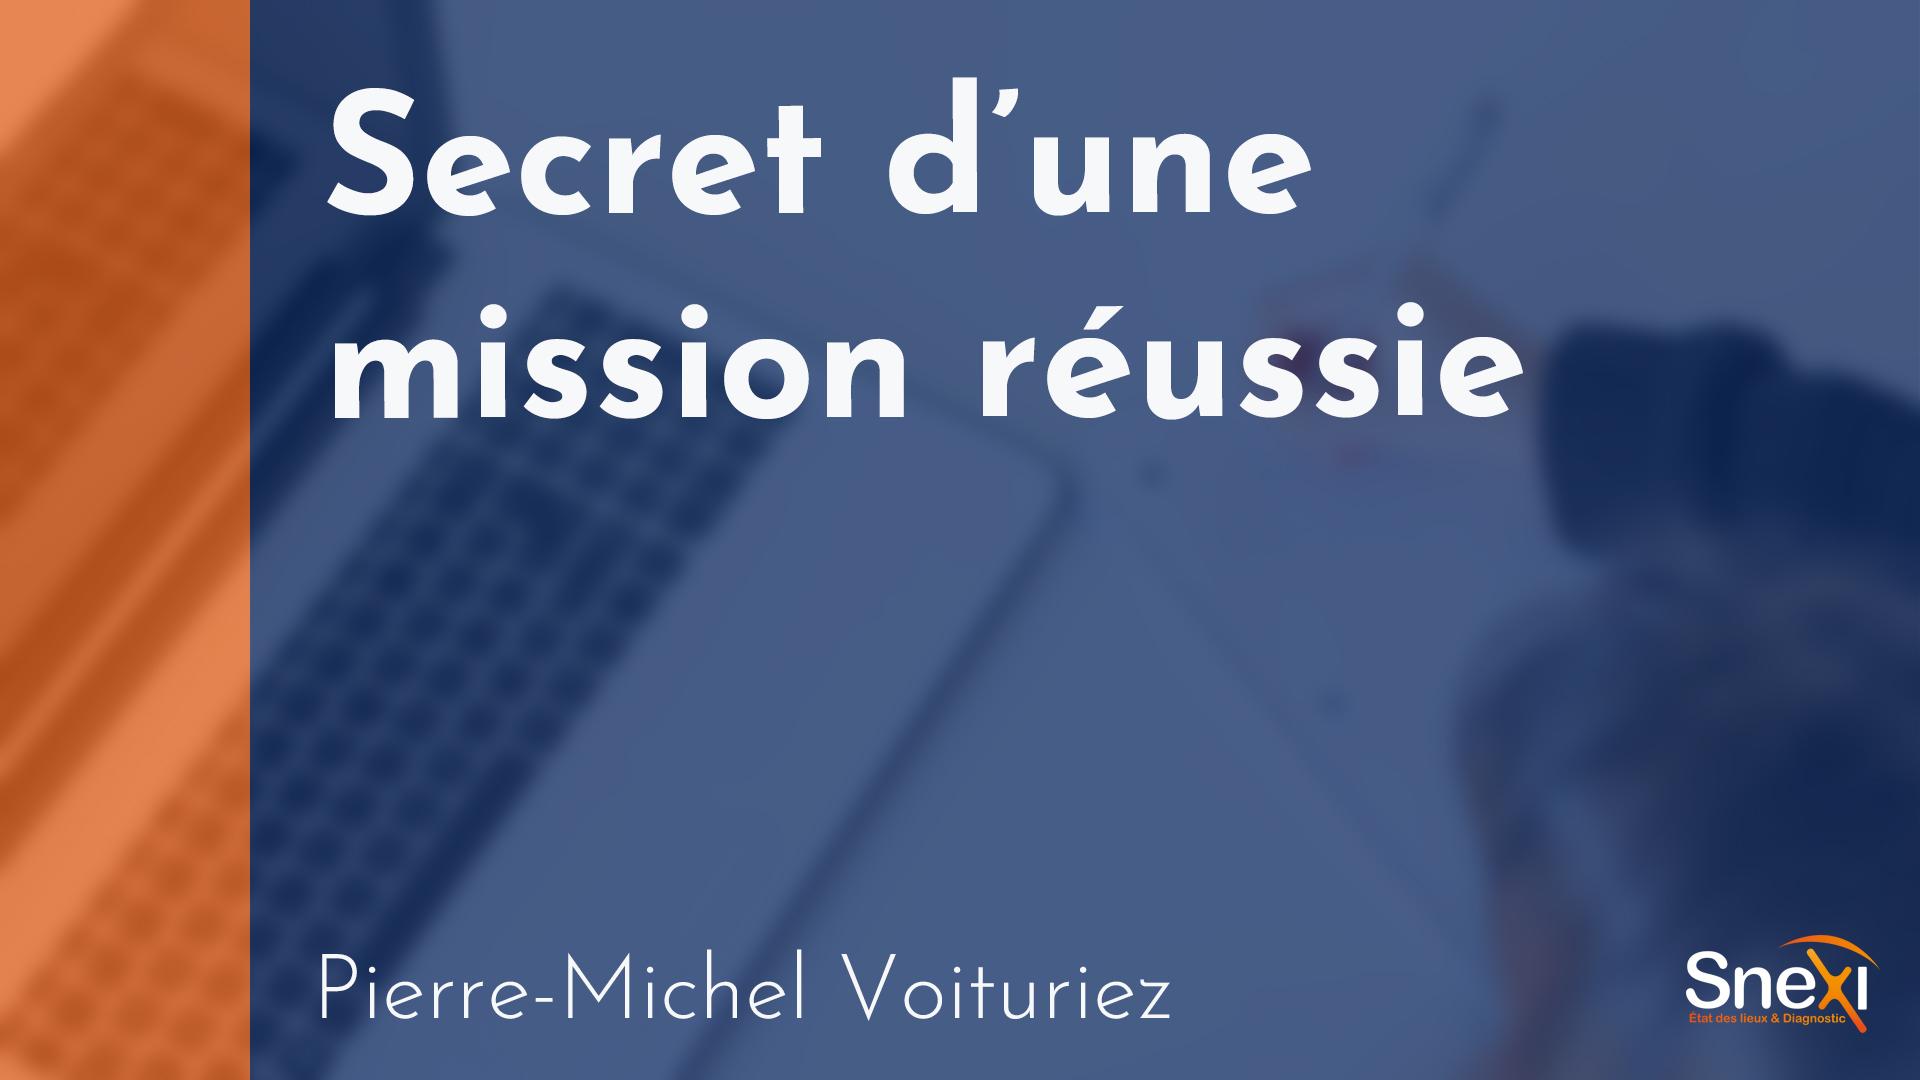 SNEXI - Secret d'une mission réussie